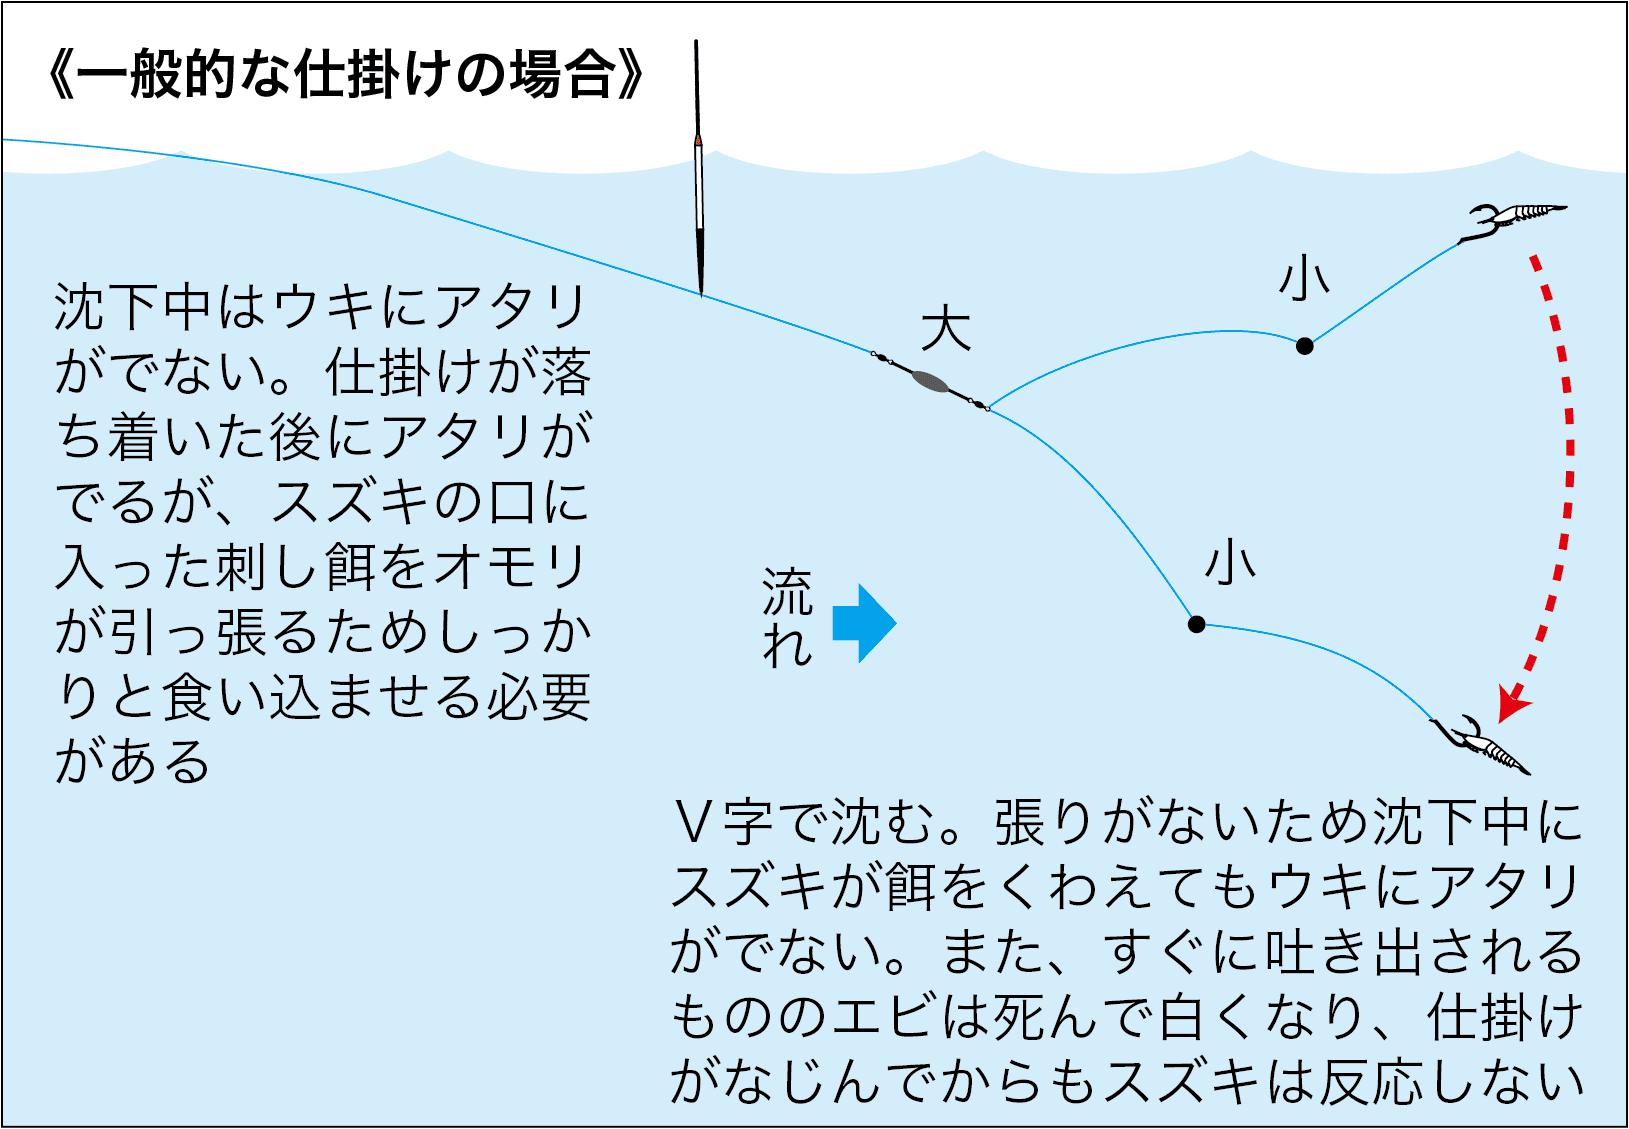 エビ撒き大型スズキ解説3